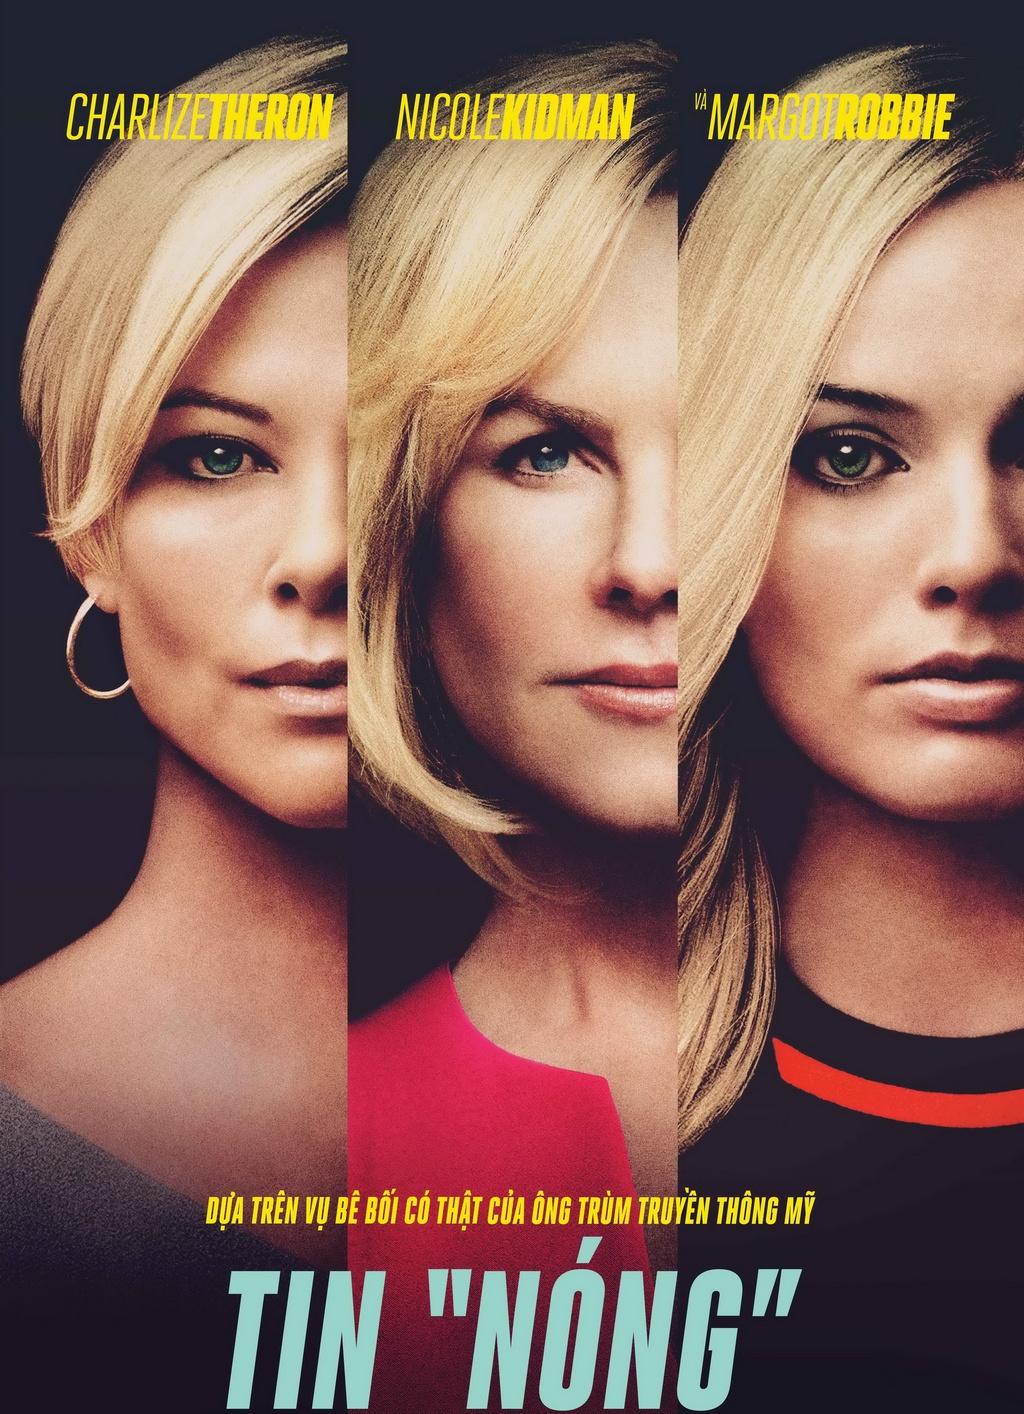 Bombshell là bộ phim mới nhận 3 đề cử Oscar năm nay, và xoay quanh những sự kiện có thật về bê bối tình dục của người đứng đầu kênh Fox News.